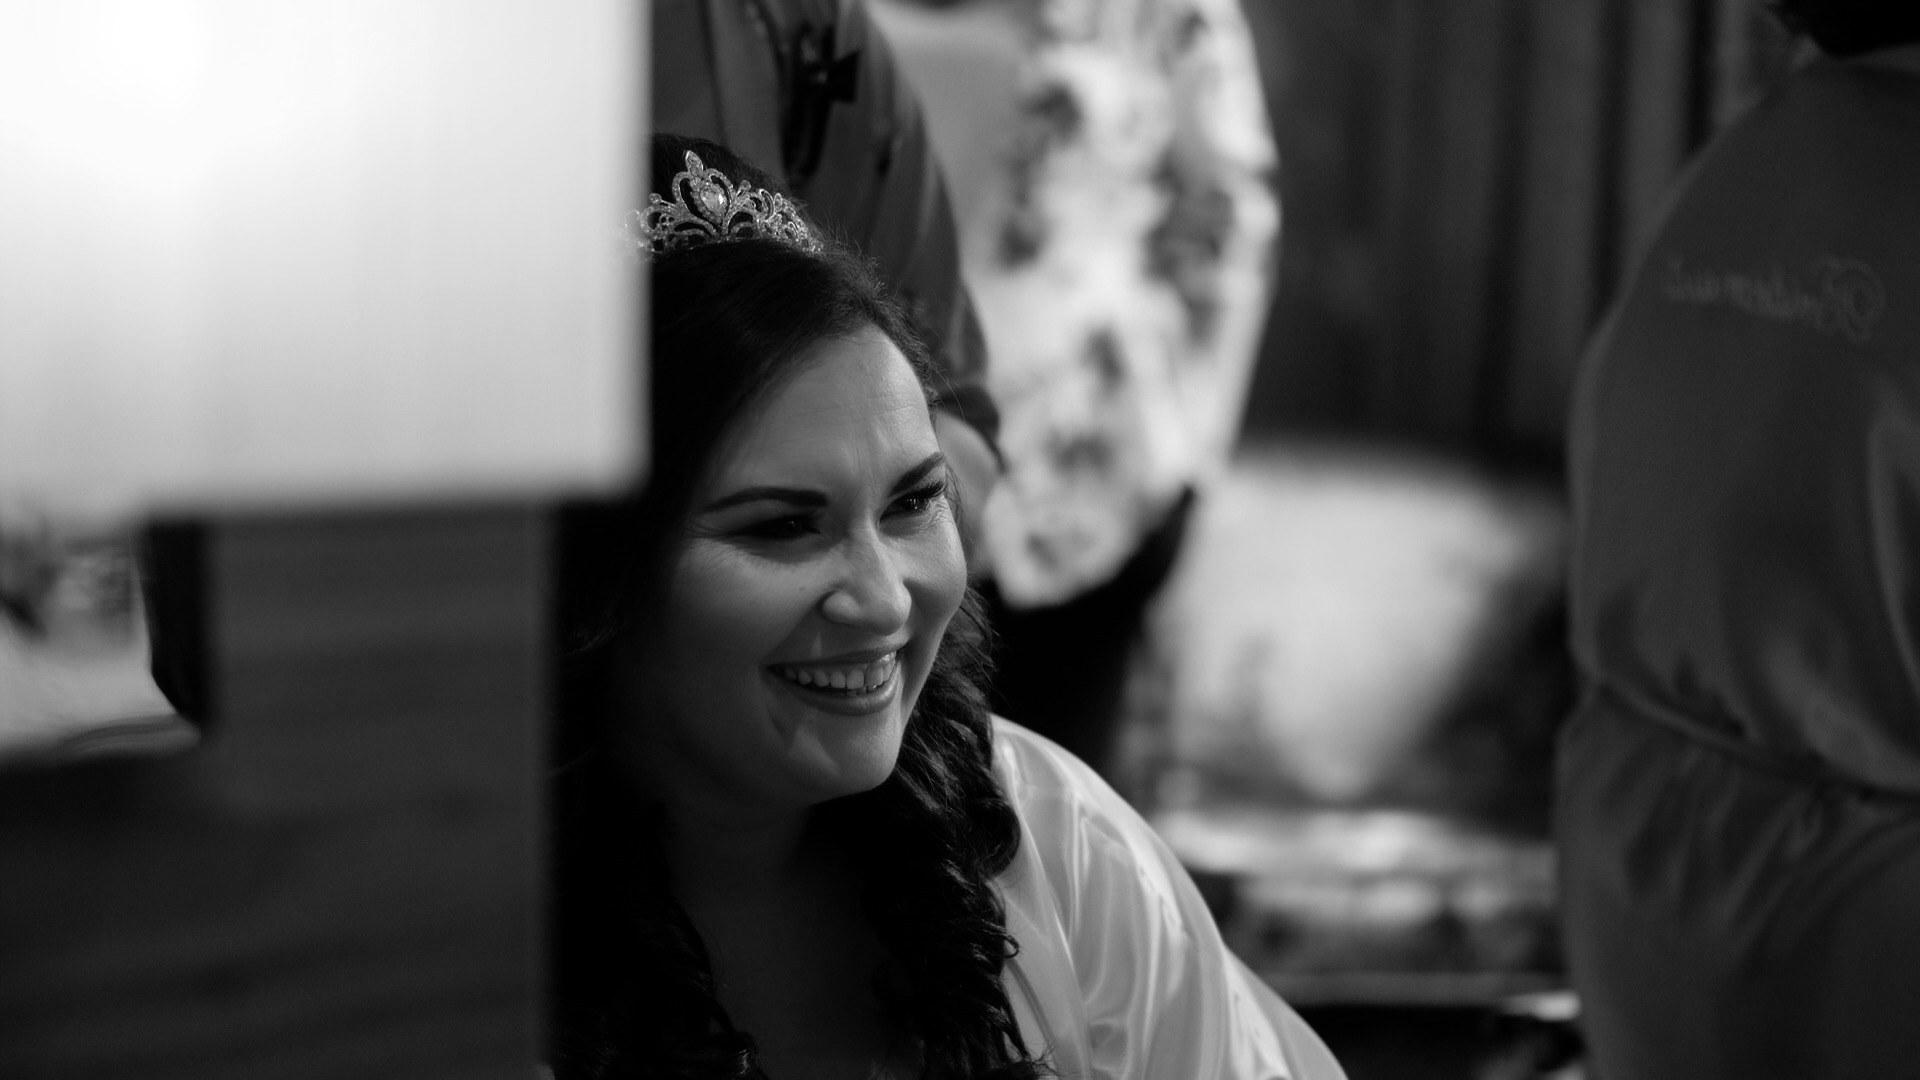 BUCHAN-BRAES-JULY-WEDDING (04).jpg